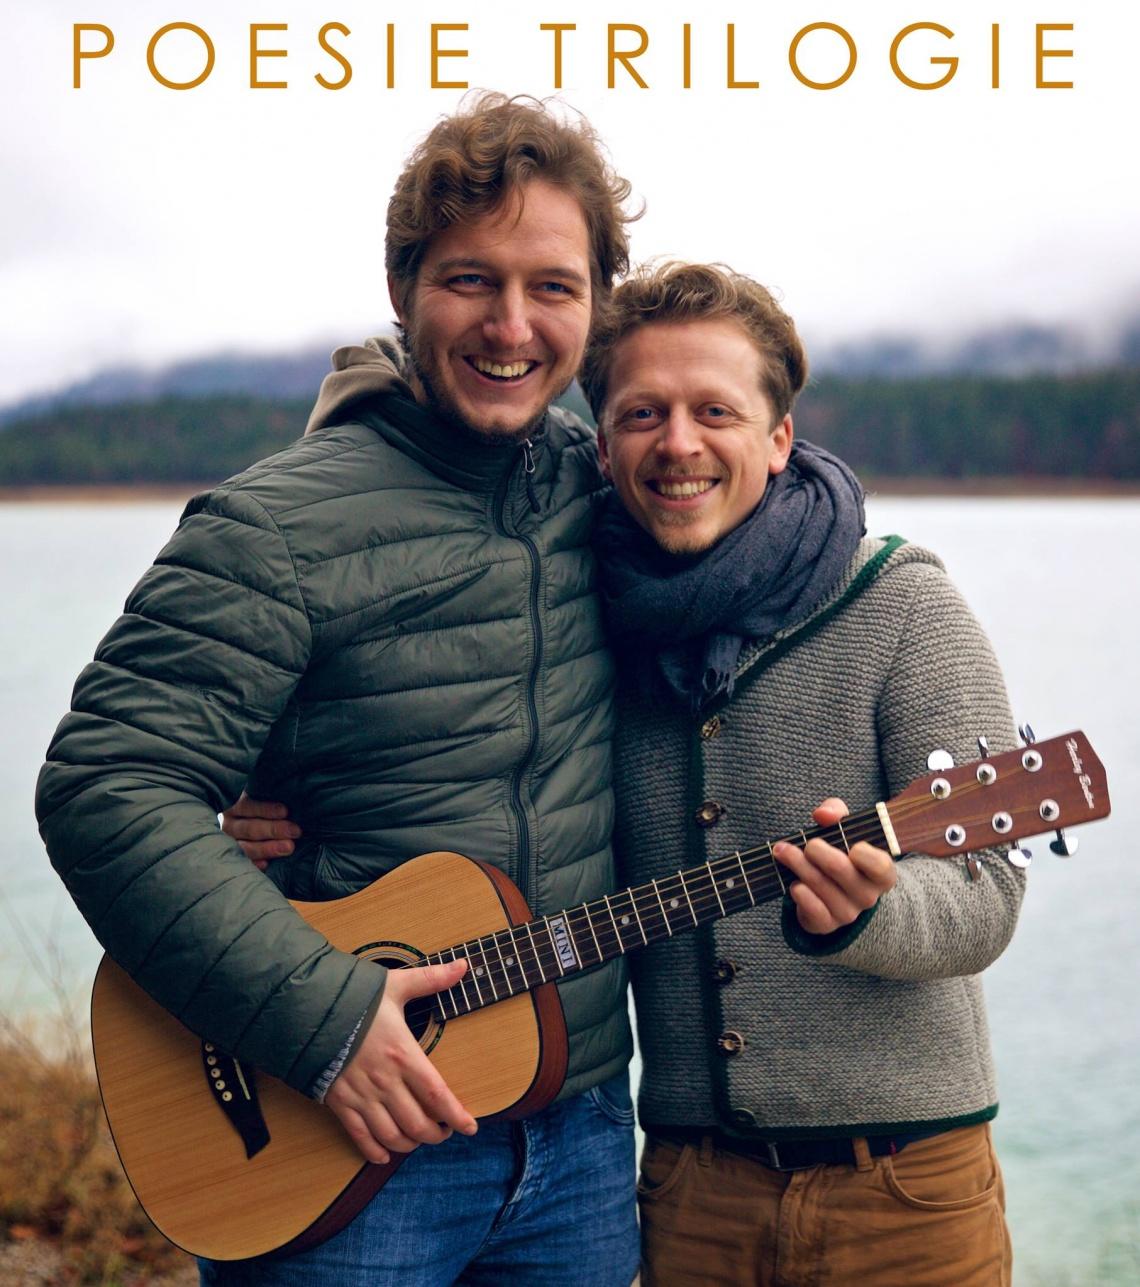 Ferdinand Schmidt-Modrow und Sascha Fersch | Poesie Trilogie